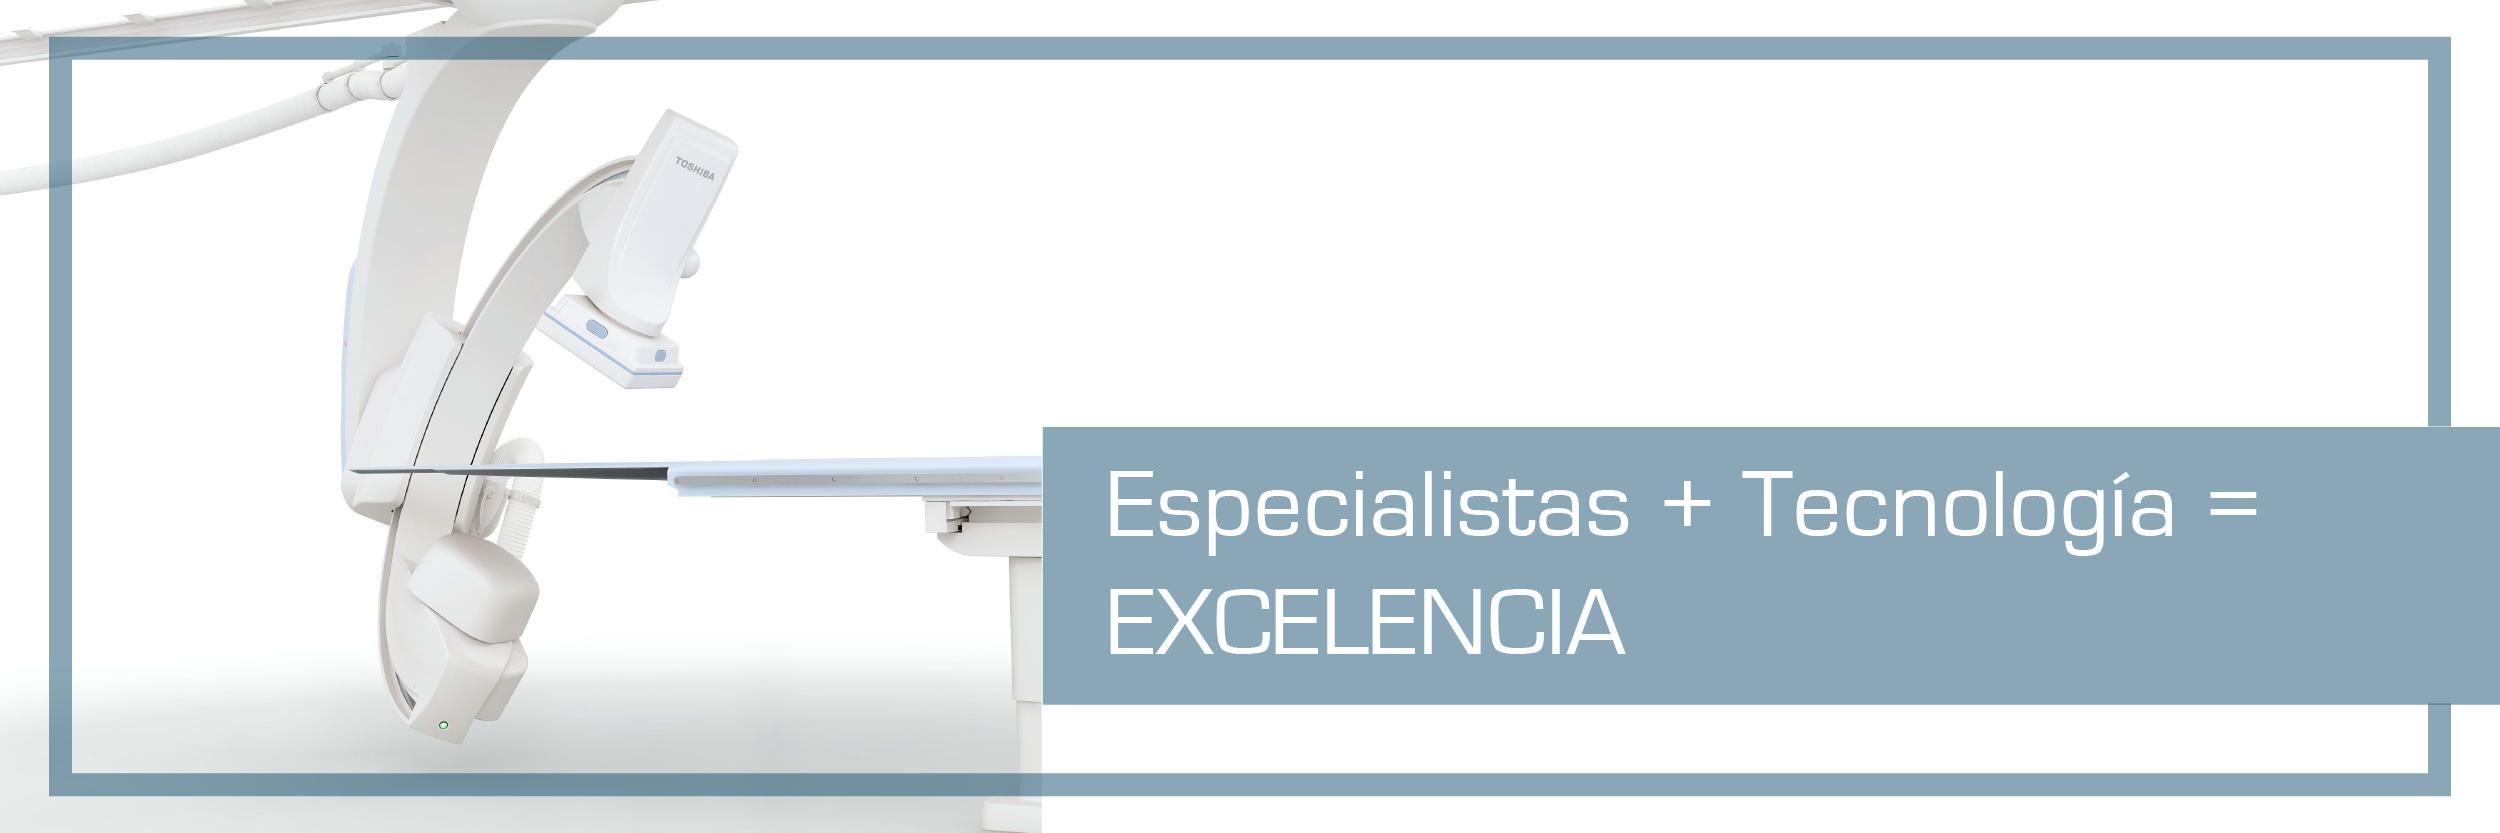 Especialistas en Cardiologia en Clínica del Norte en Bello Antioquia